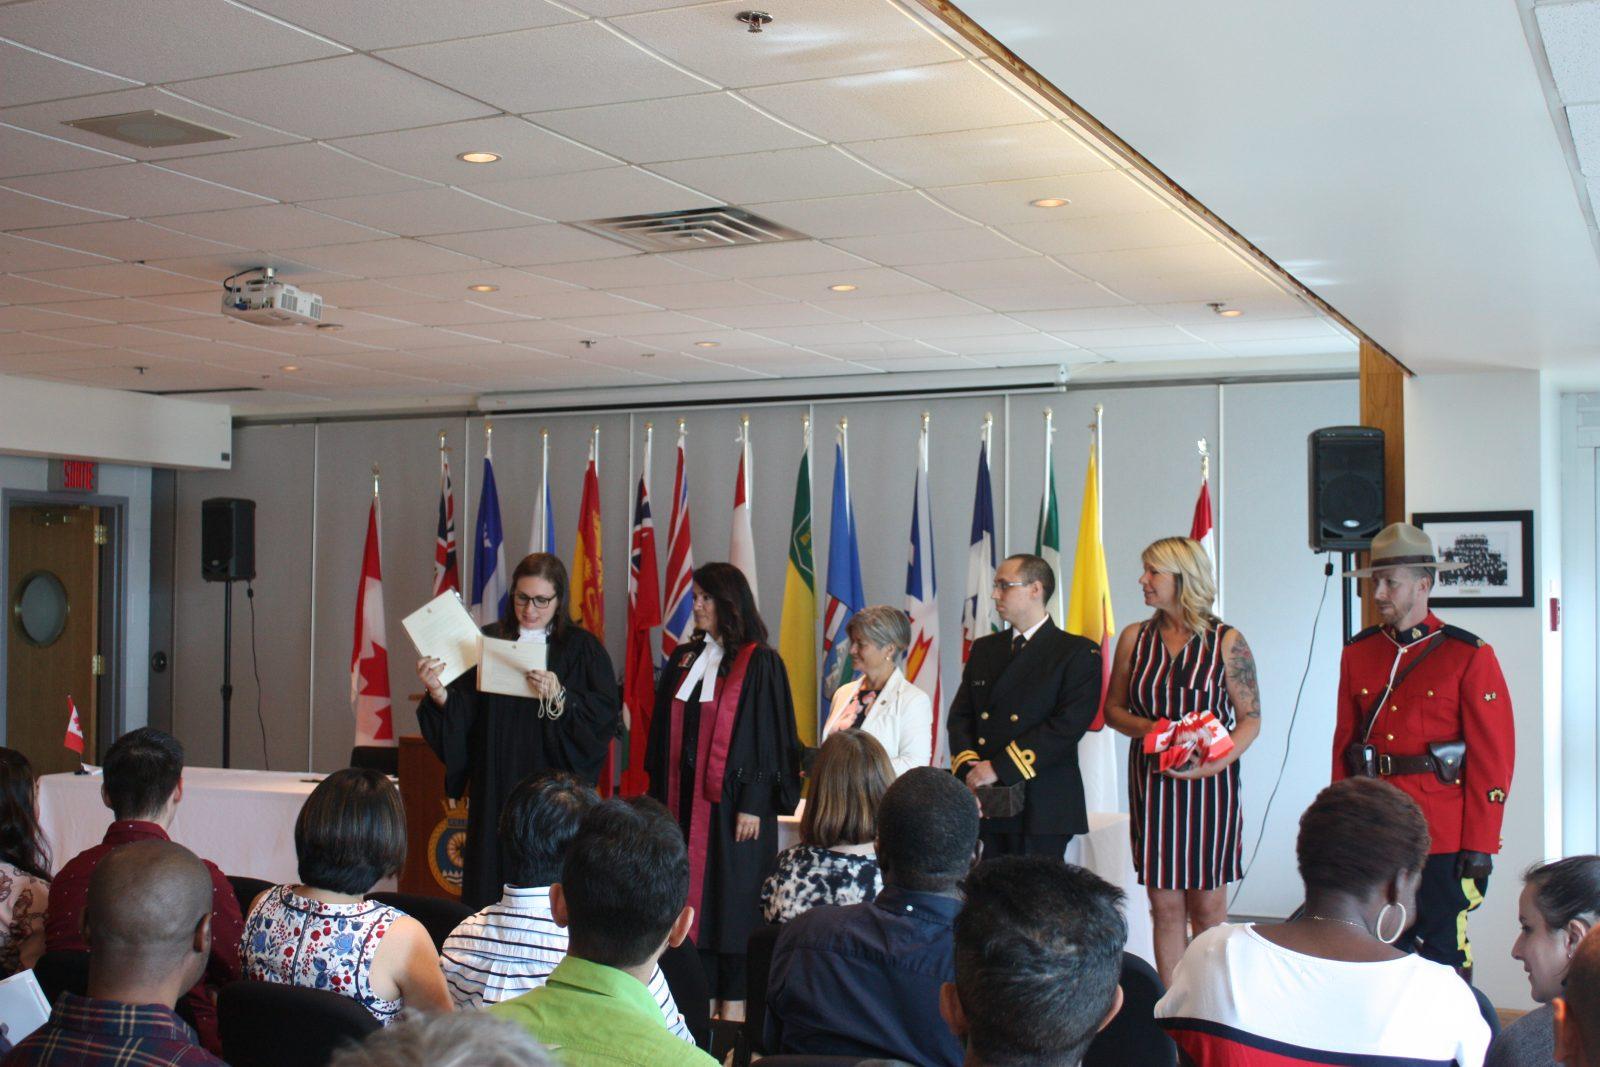 Trente-six immigrants obtiennent leur citoyenneté canadienne